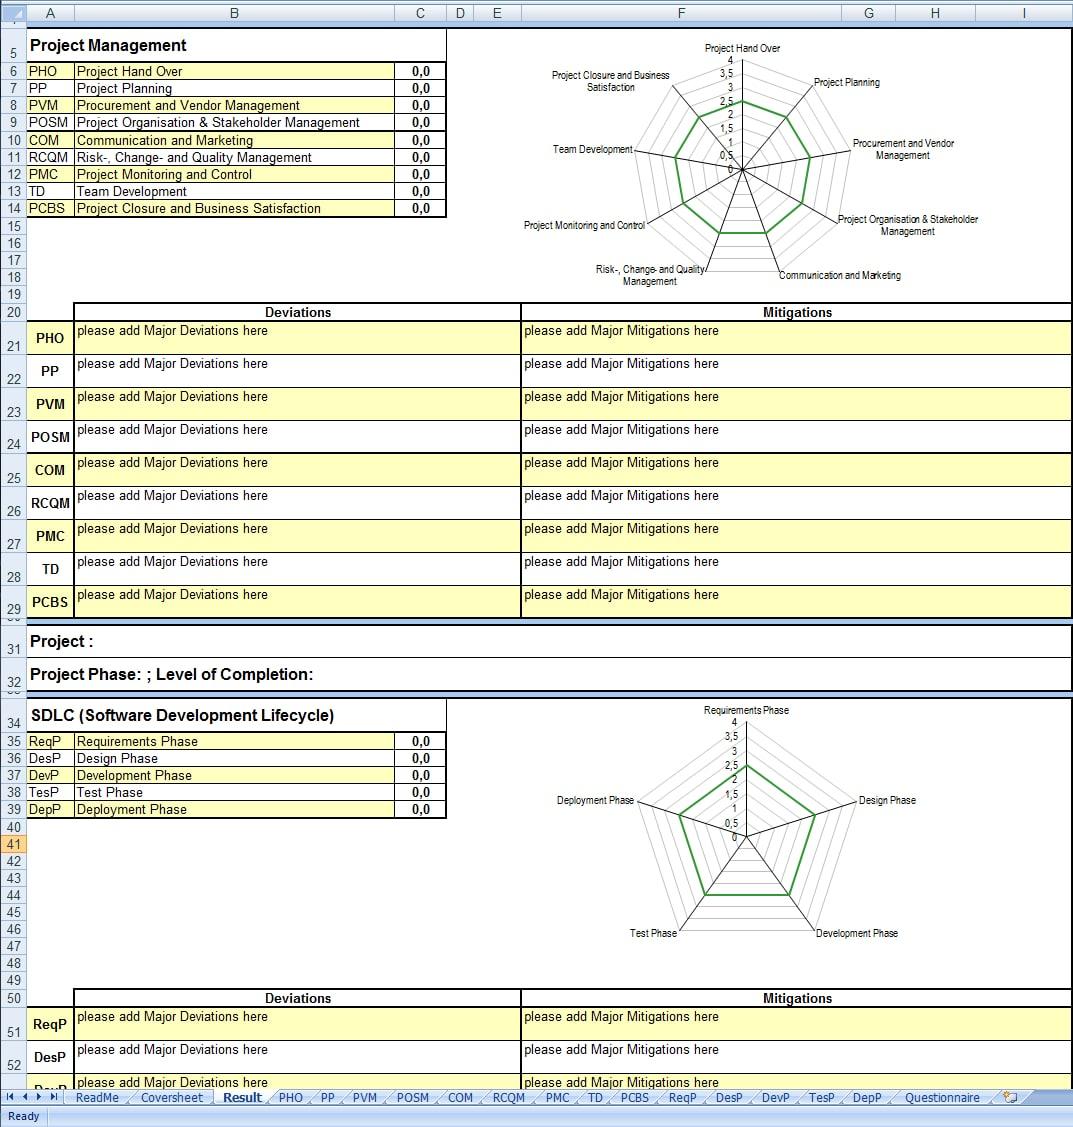 Auf einer Überblickslasche sind Name, Ziel etc. des Projekts dargestellt.